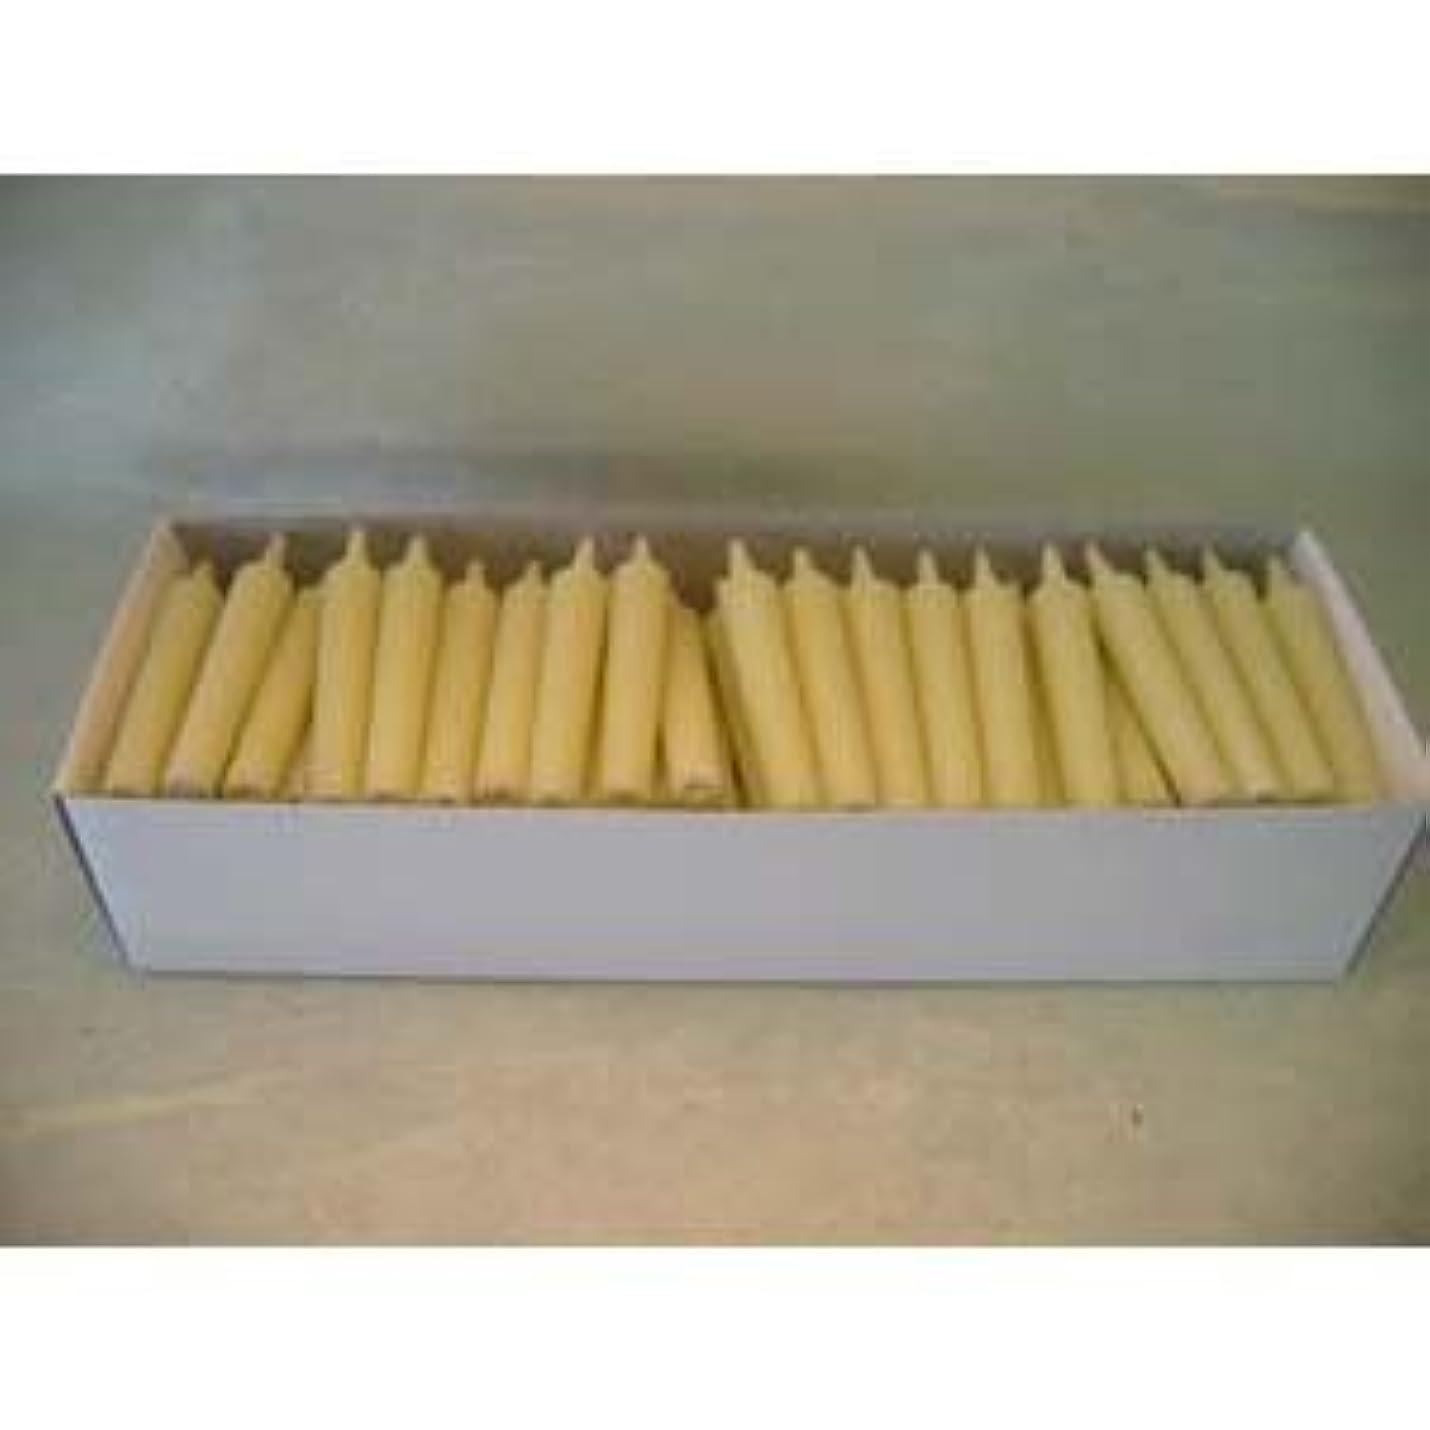 フィルタ終わらせる刺激する和ろうそく 型和蝋燭 ローソク 豆型 棒タイプ 白 100本入り